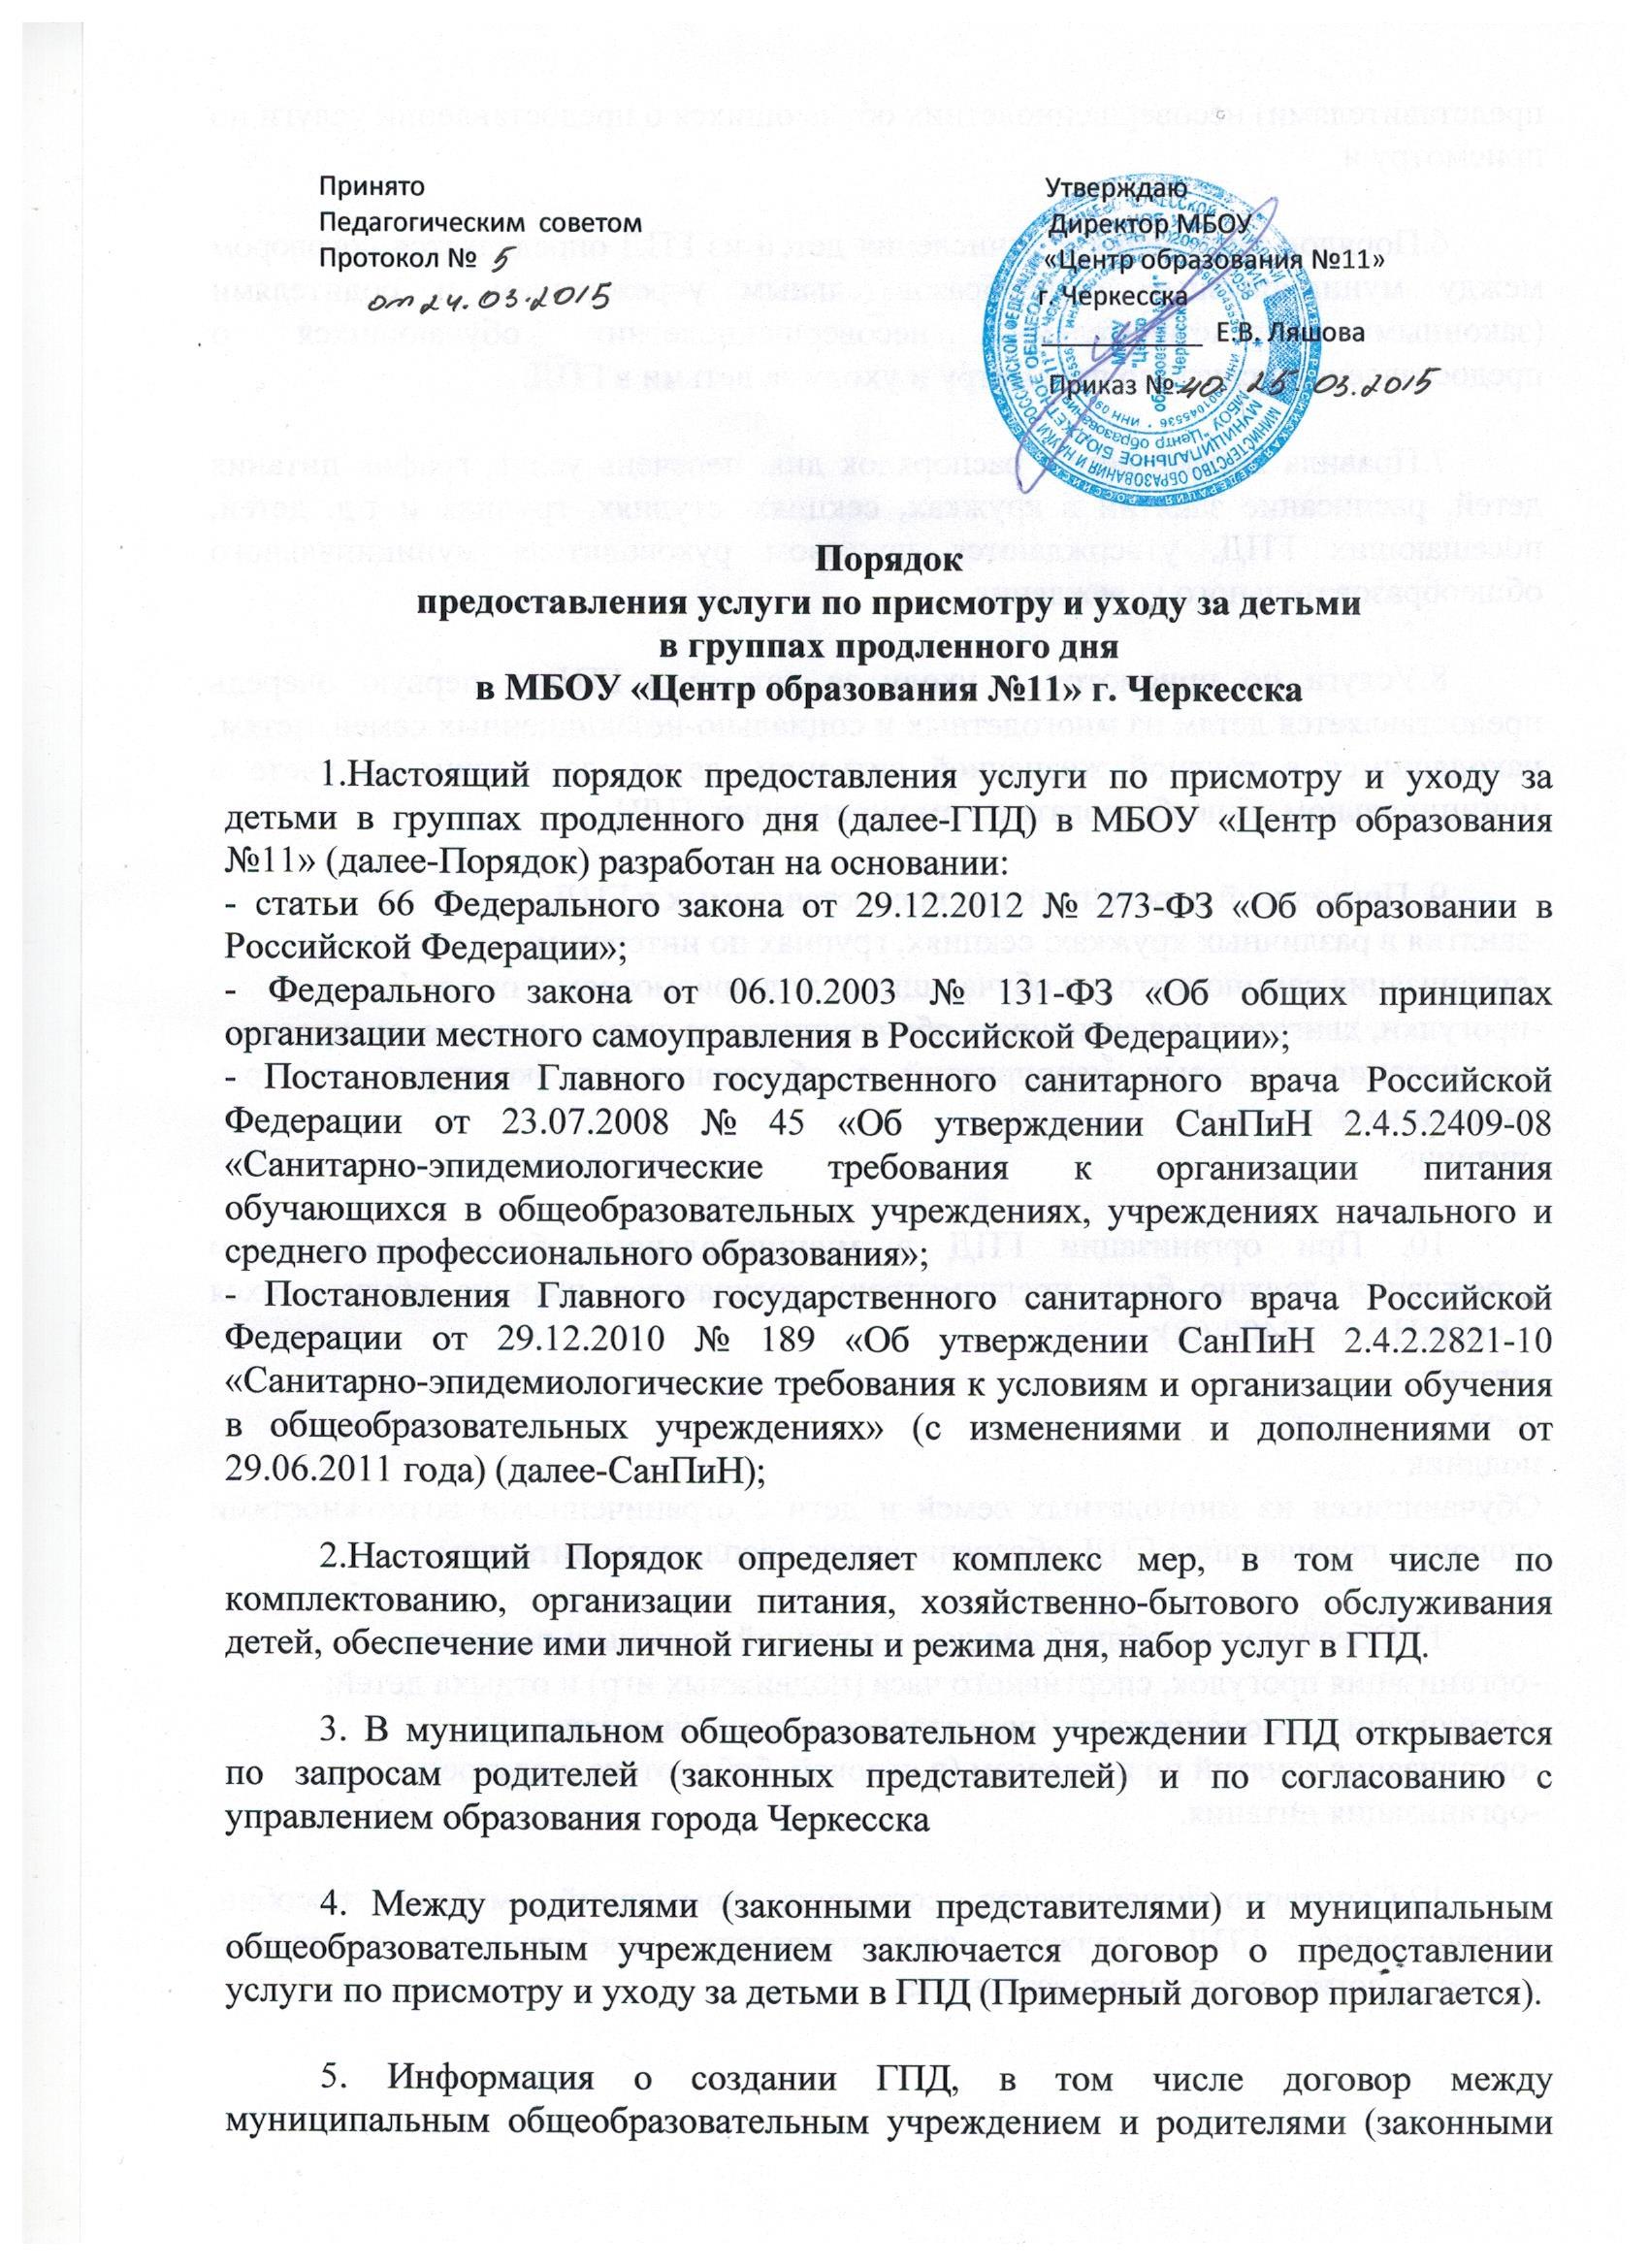 Больничный лист купить официально в Москве Даниловский пражская